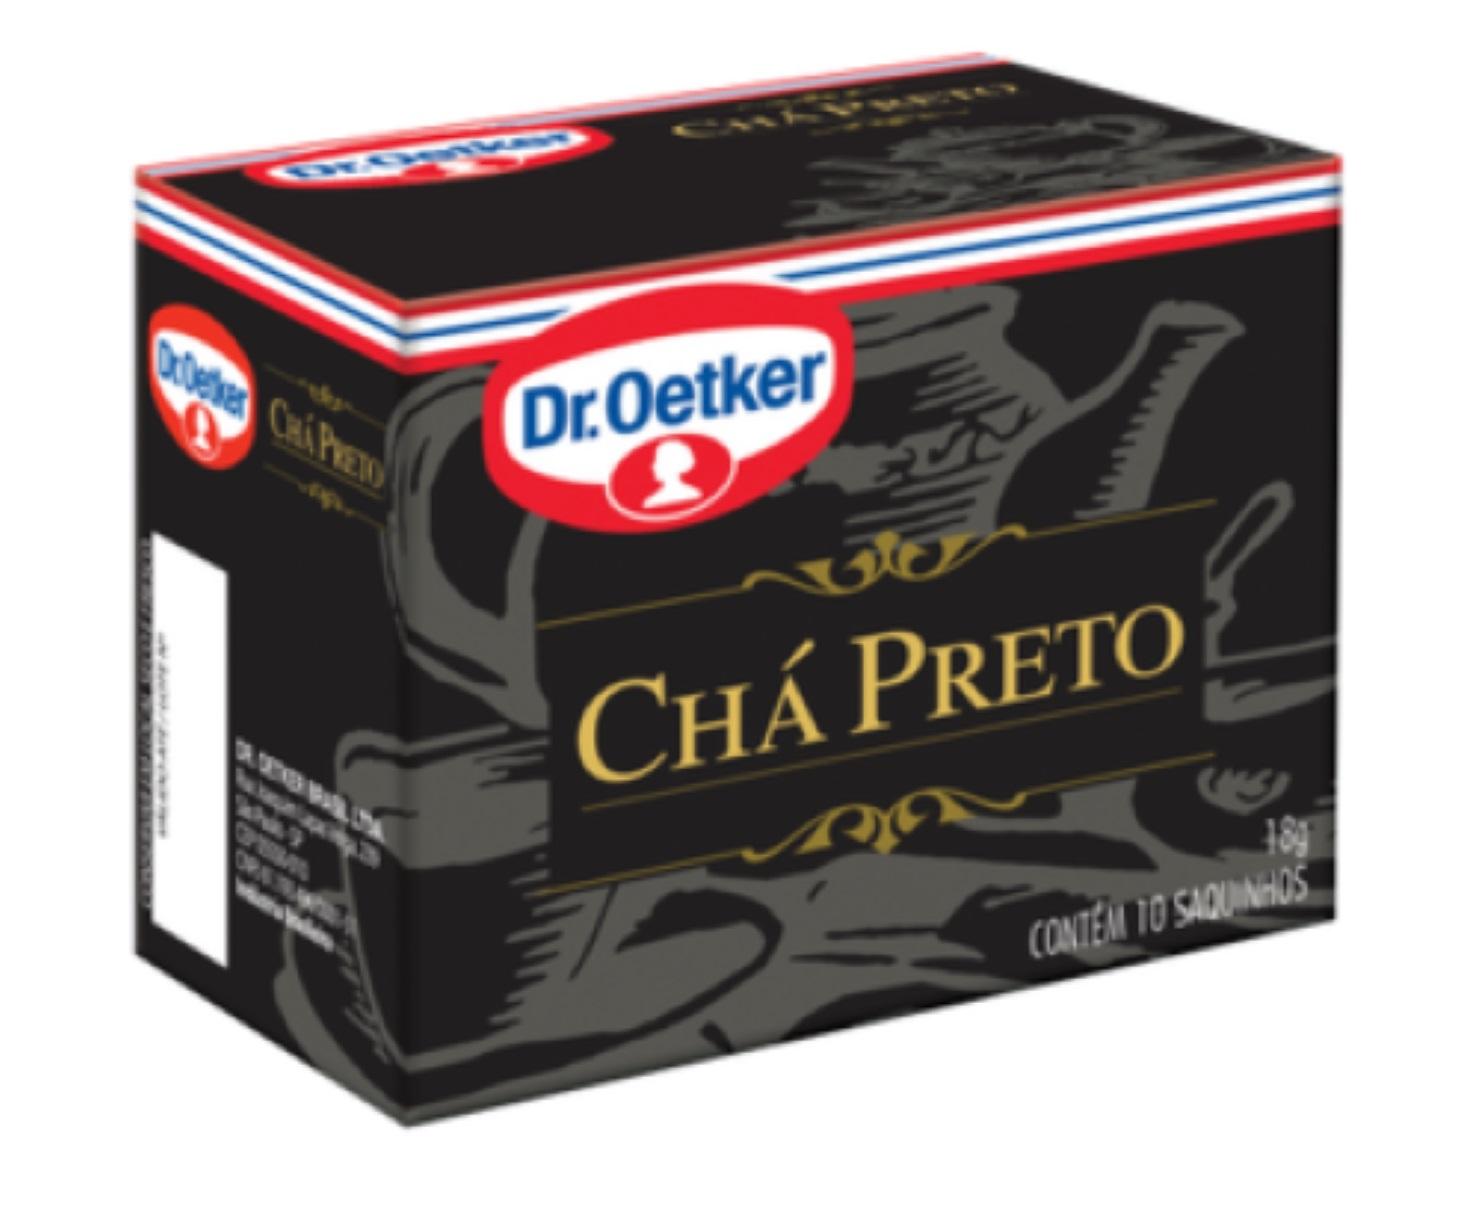 CHÁ PRETO DR. OETKER